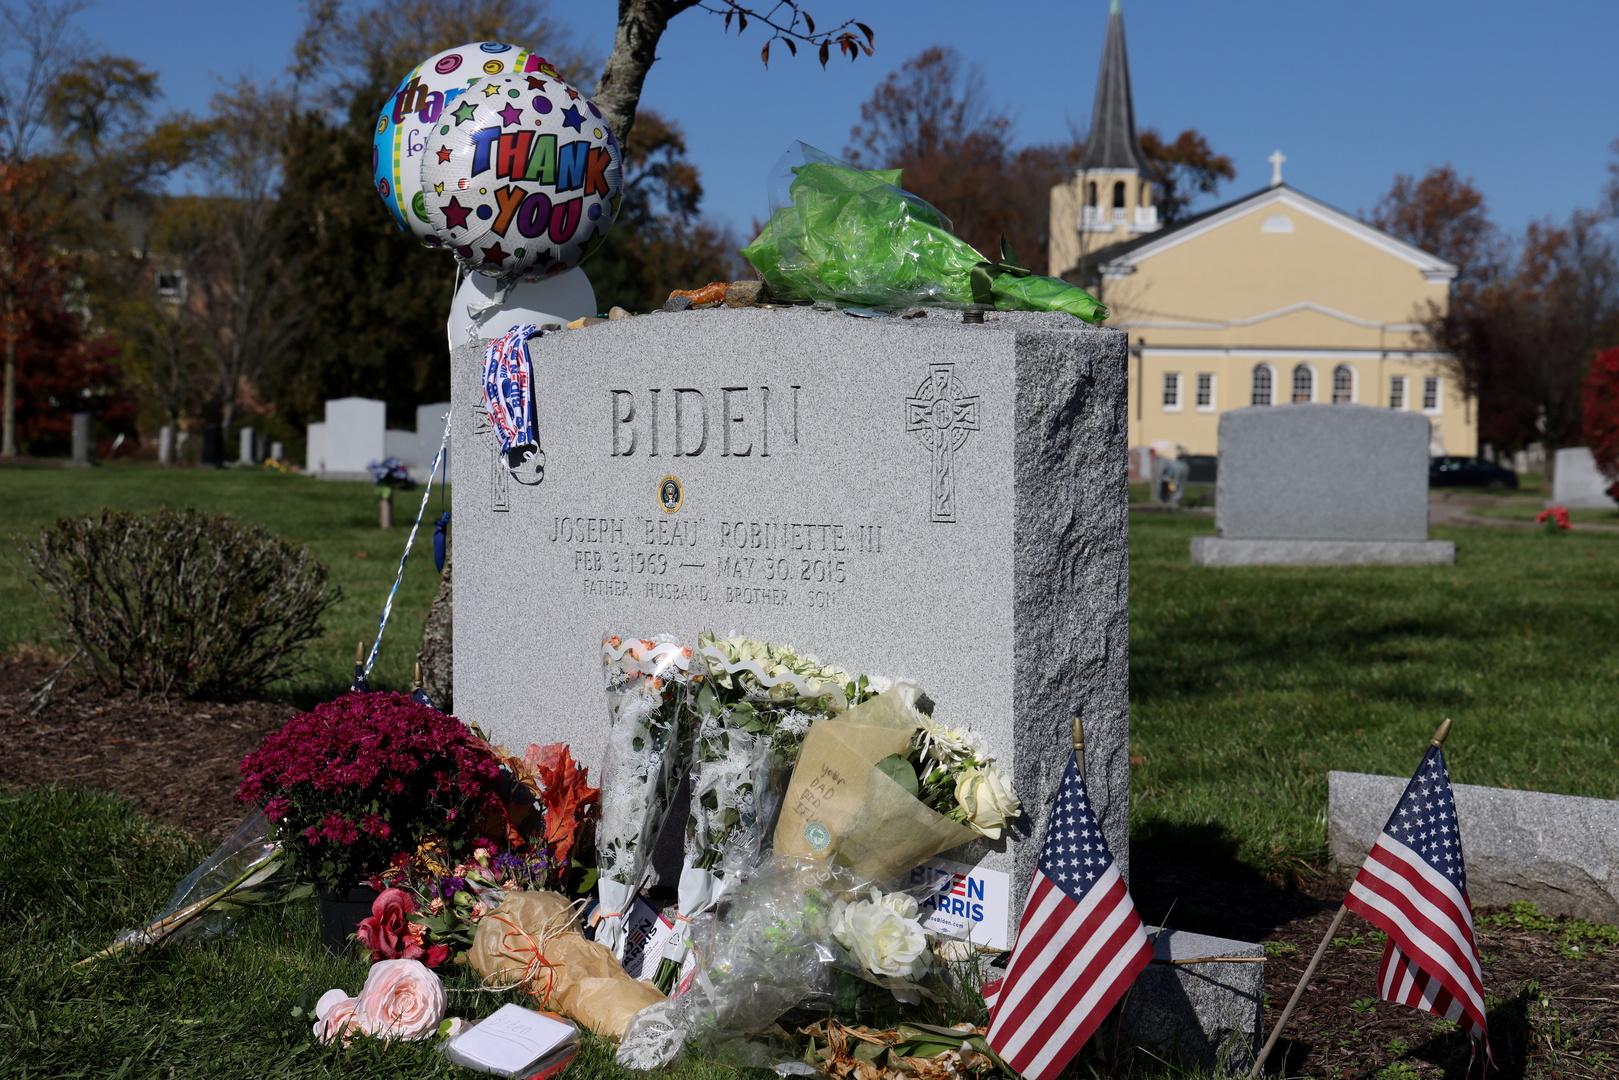 بايدن يعتبر أن ابنه المتوفي كان ينبغي أن يصبح رئيسا للولايات المتحدة